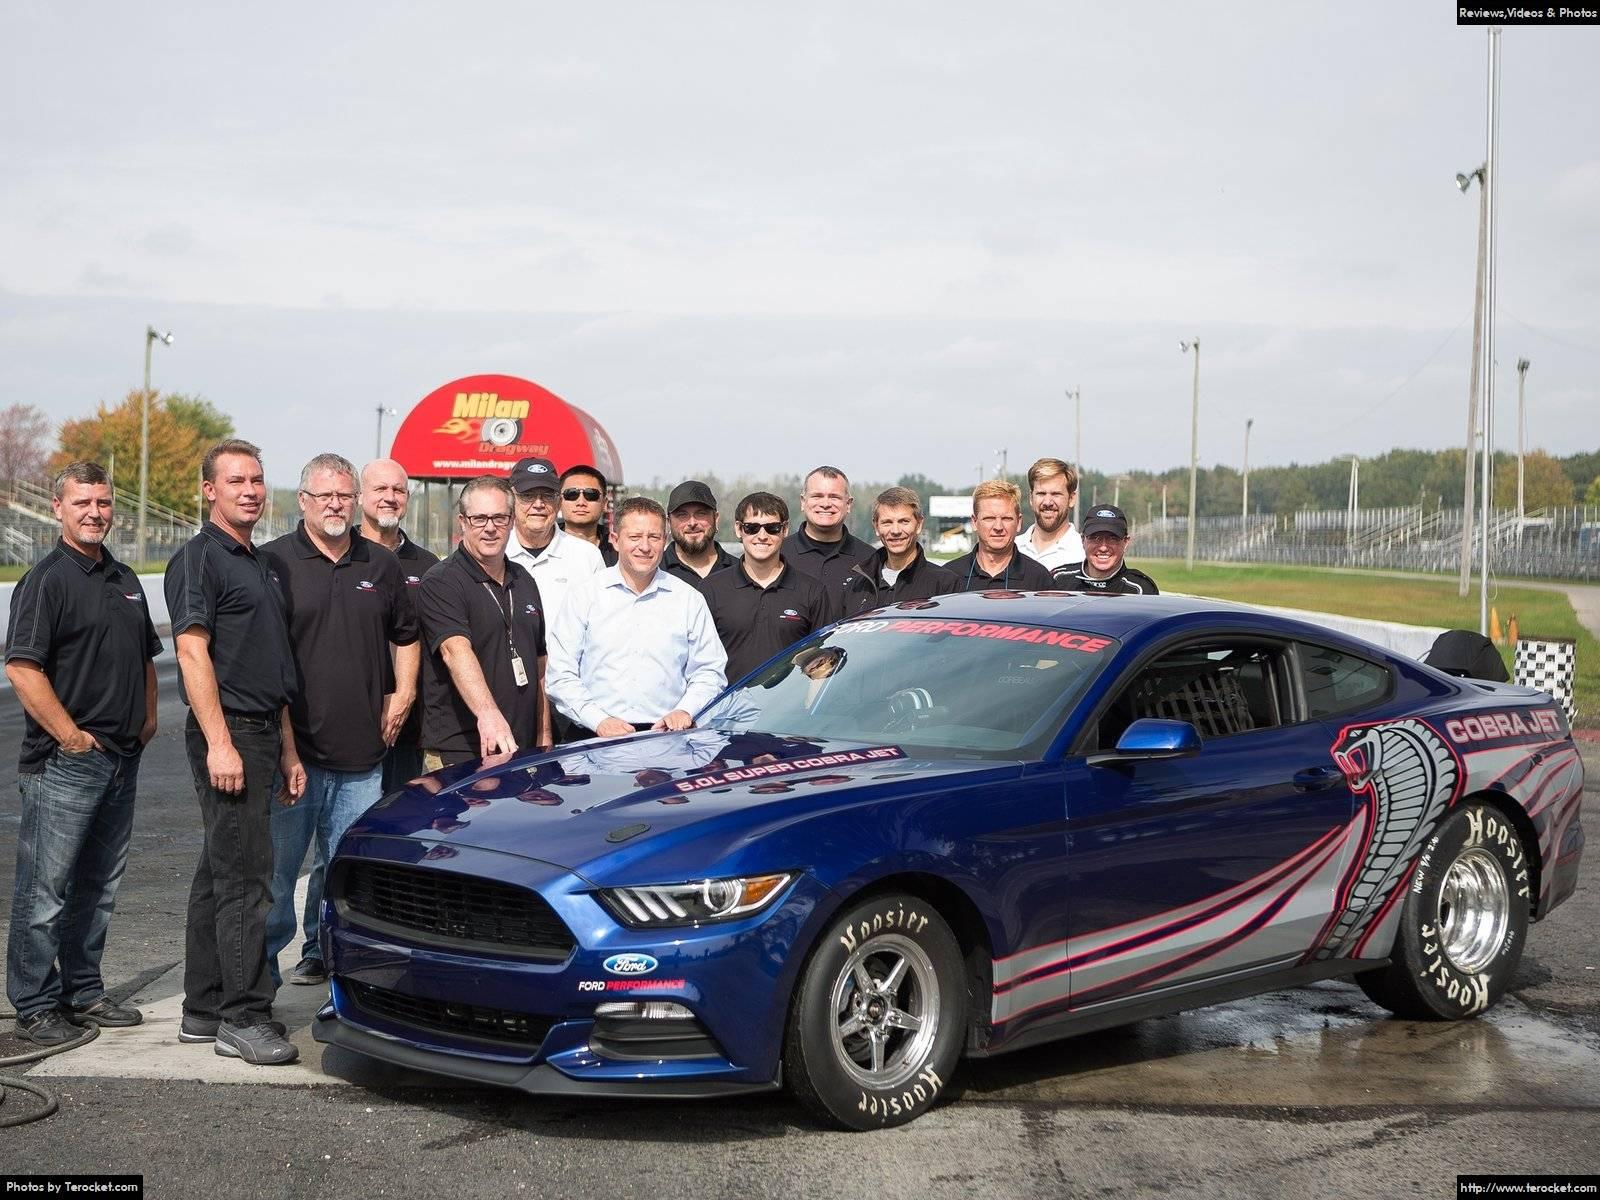 Đánh giá xe Ford Mustang Cobra Jet 2016 & giá xe